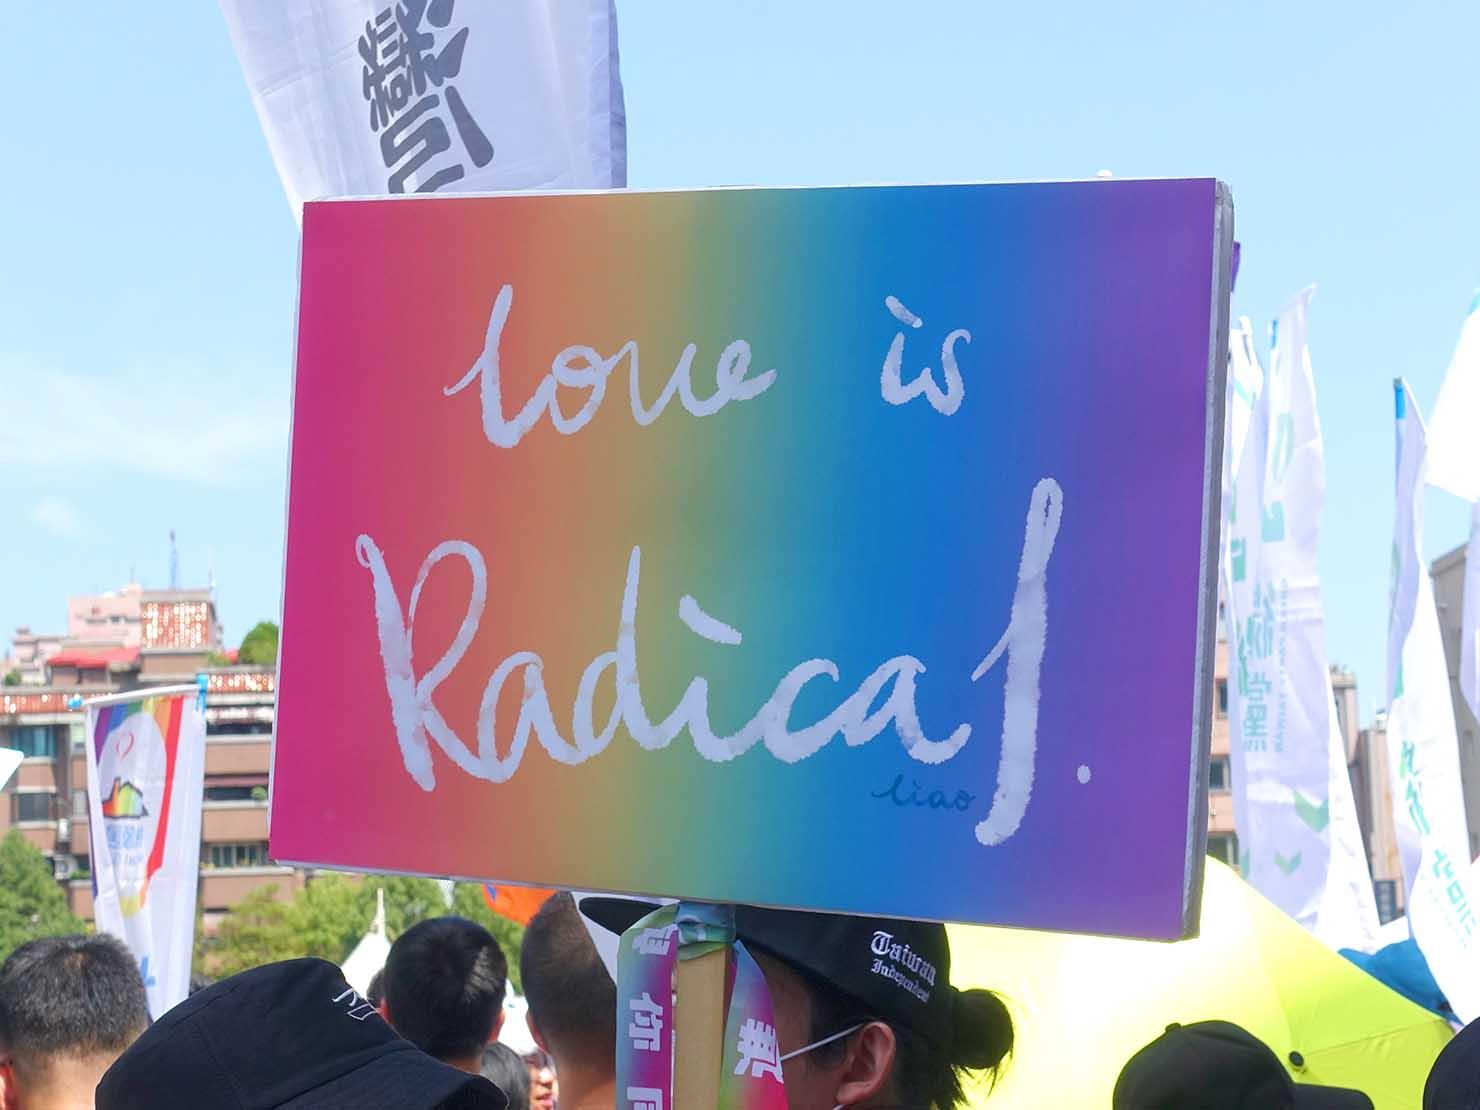 台湾・桃園のLGBTプライド「桃園彩虹野餐日」2020パレードで「love is Radical」のプラカードを掲げる参加者